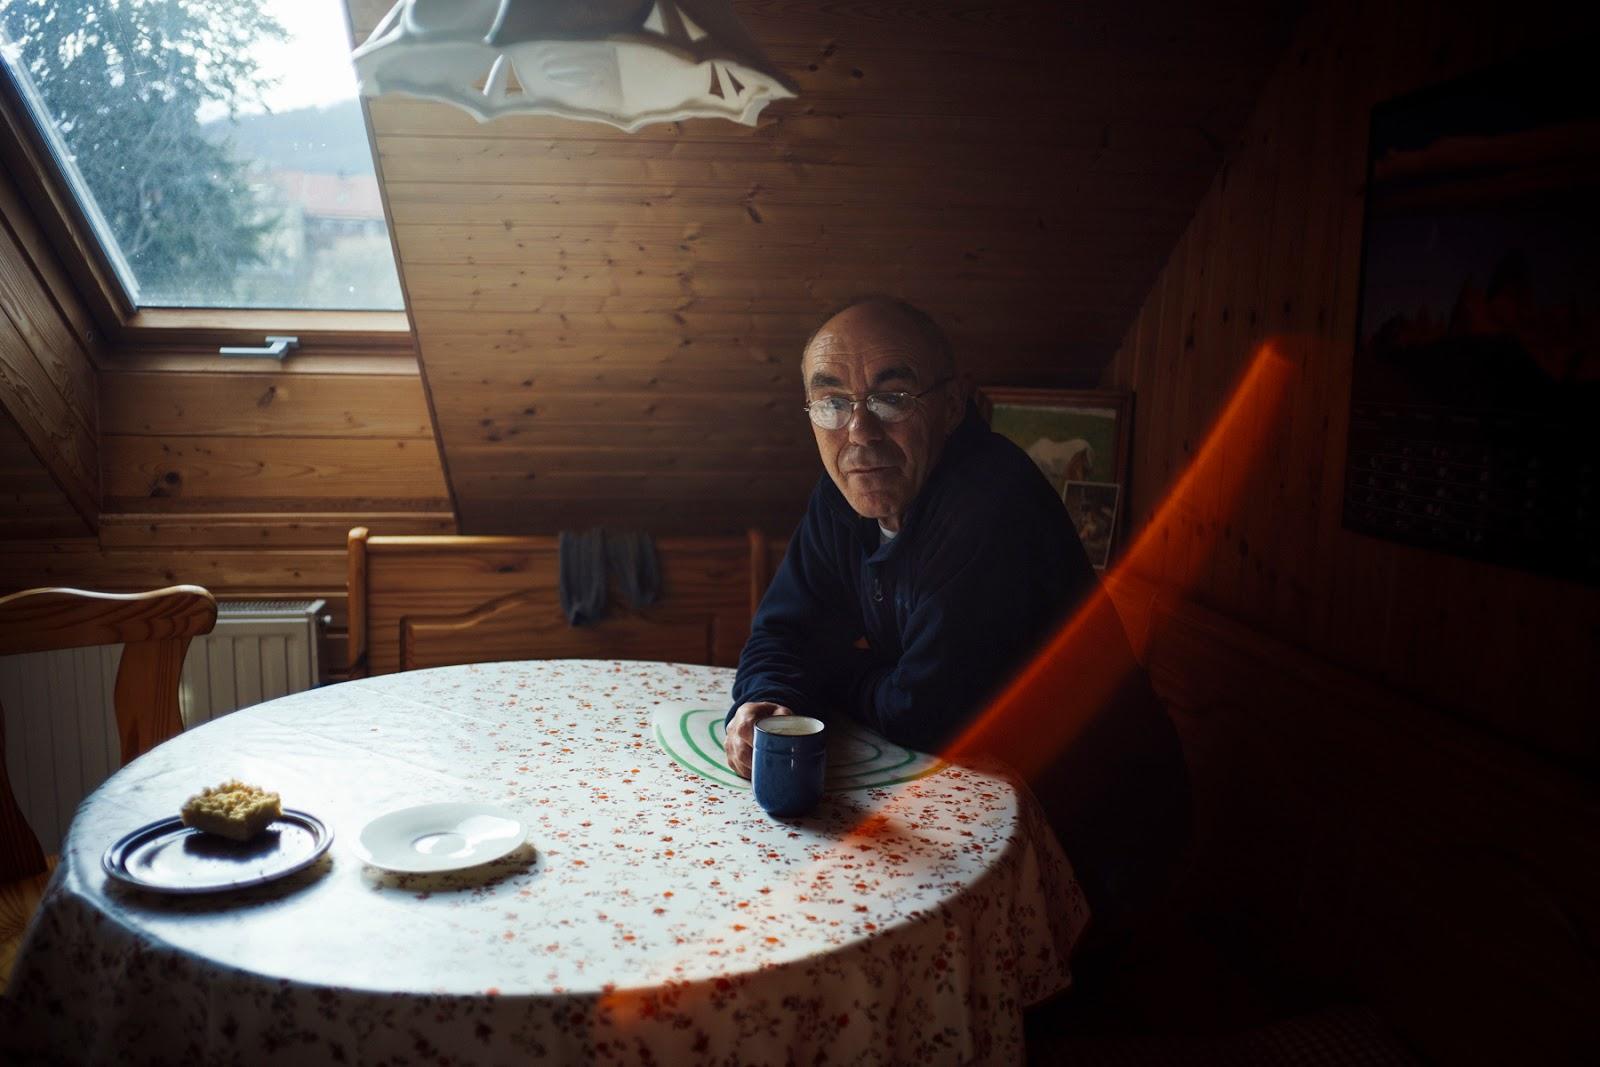 Ein älterer Mann sitzt an einem runden Tisch und hat eine Kaffeetasse in der Hand